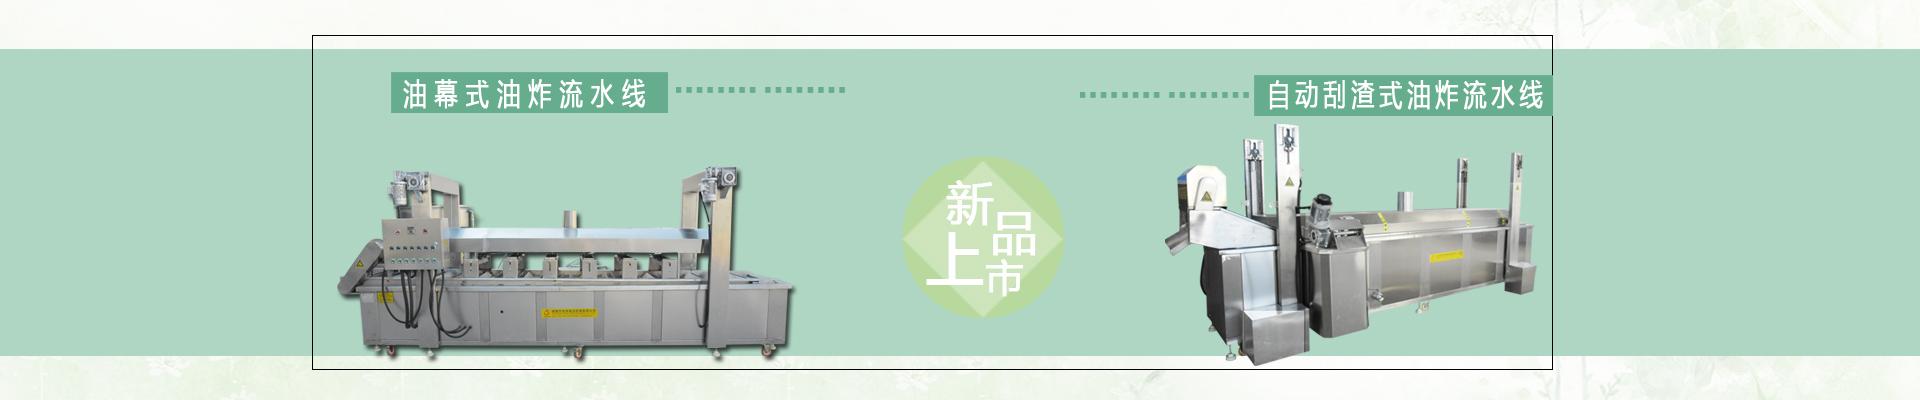 山东佳特机械科技有限公司